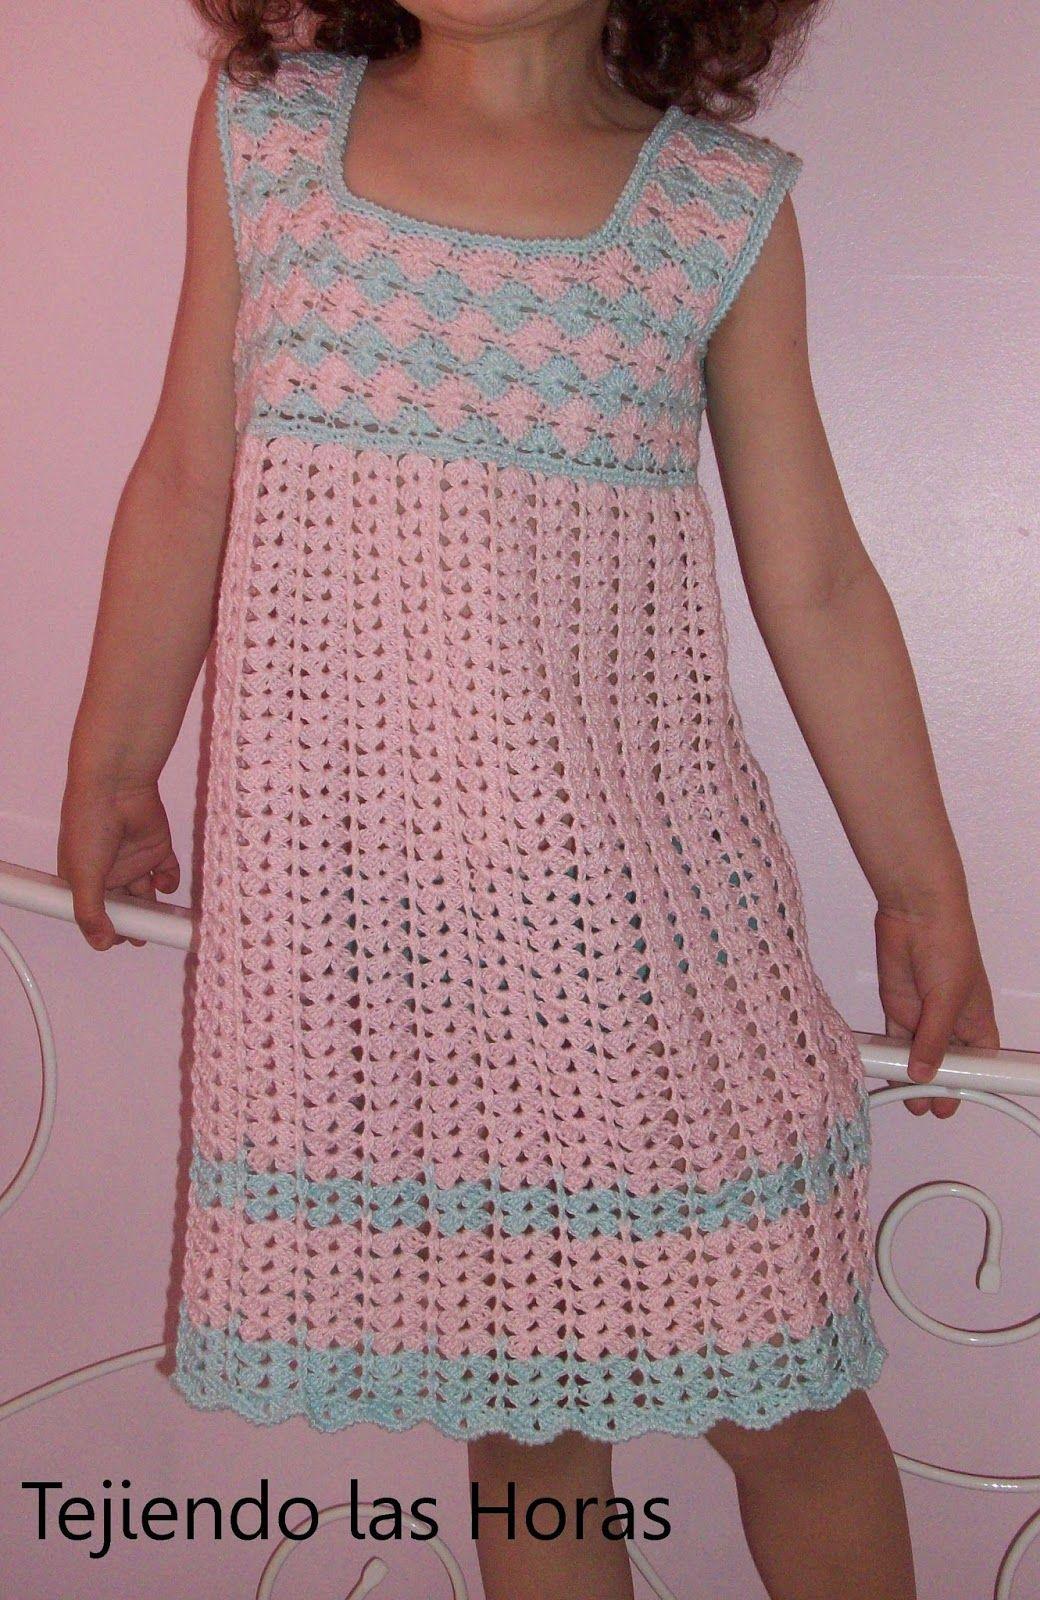 Tejiendo las horas: Vestido de Crochet/Ganchillo para niña ...